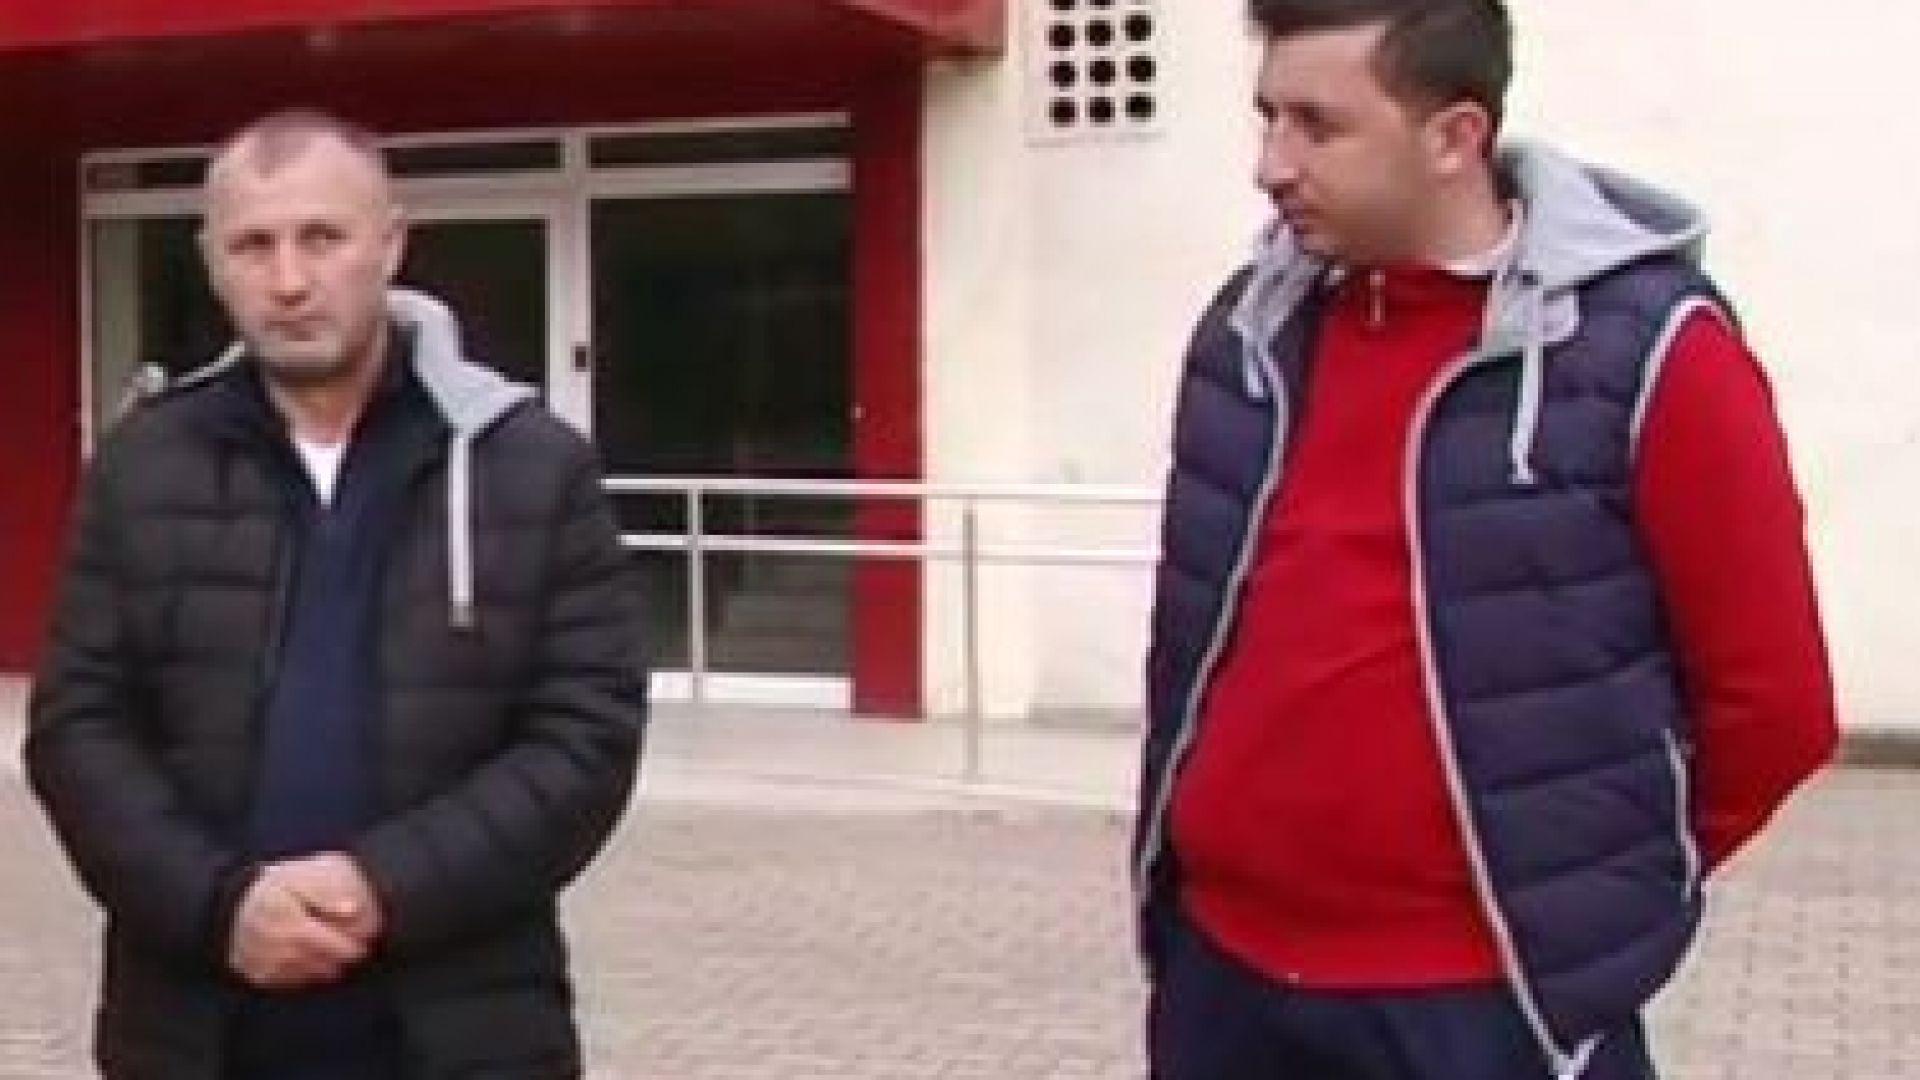 Юсеин Ахмед Т. (в дясно), бащата на загиналото бебе от инцидента с Лютви Местан, застана за първи път пред камера